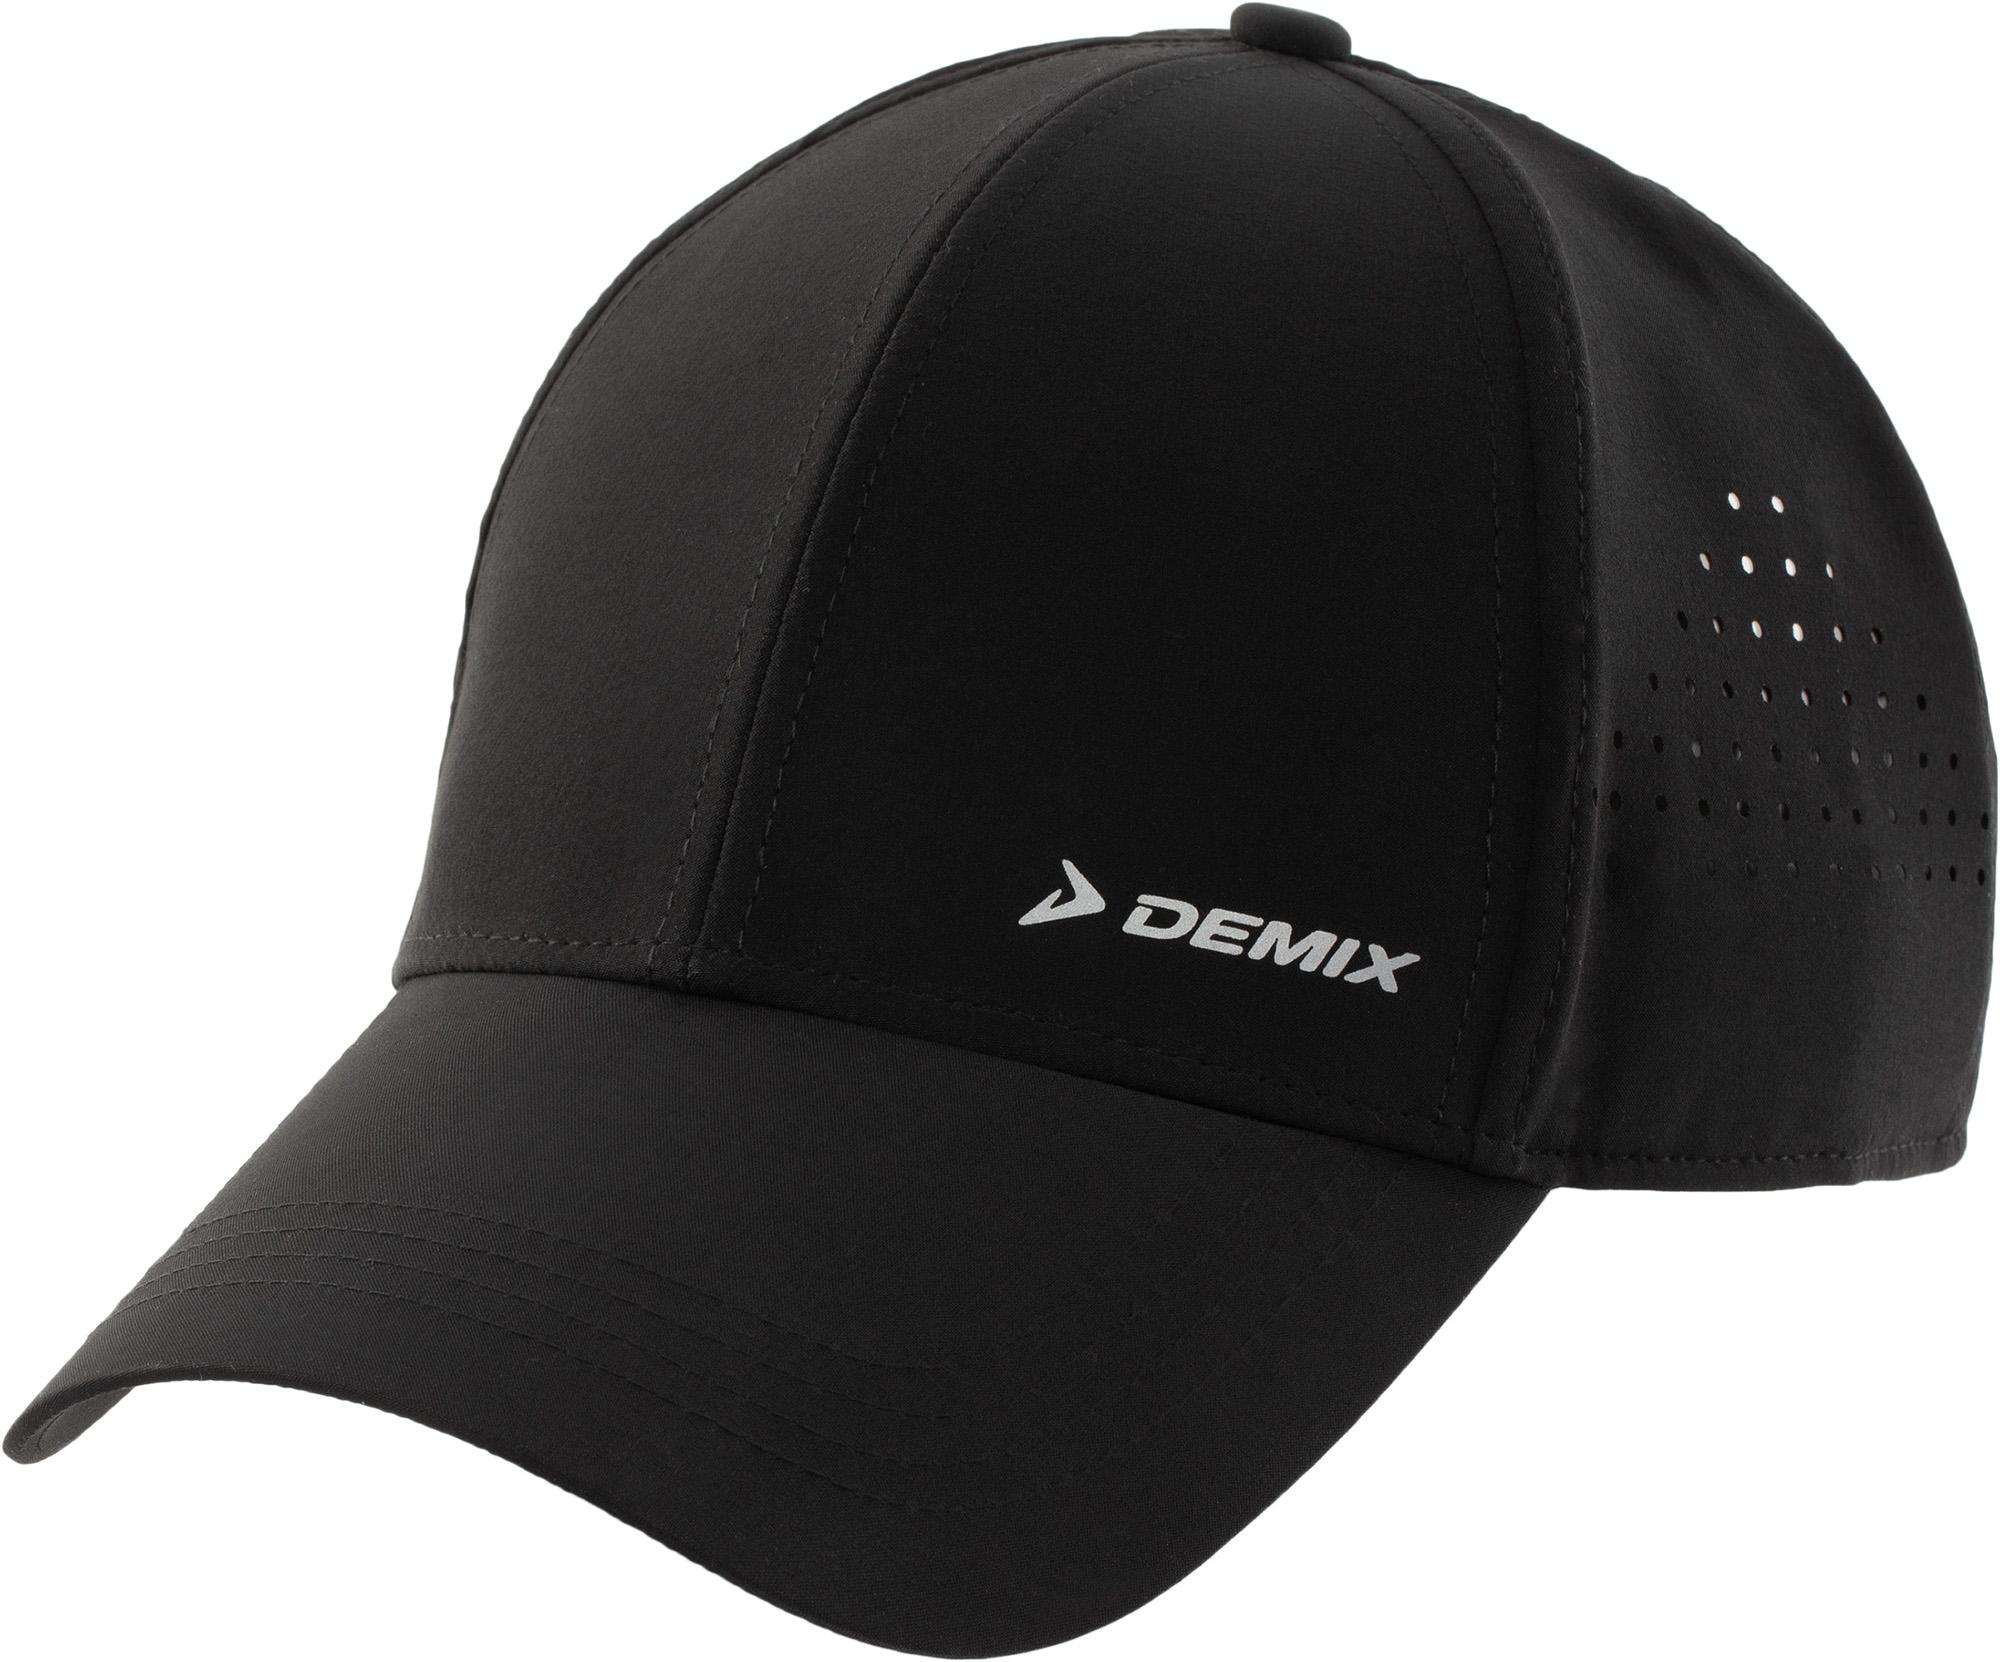 Demix Бейсболка мужская Demix, размер 59